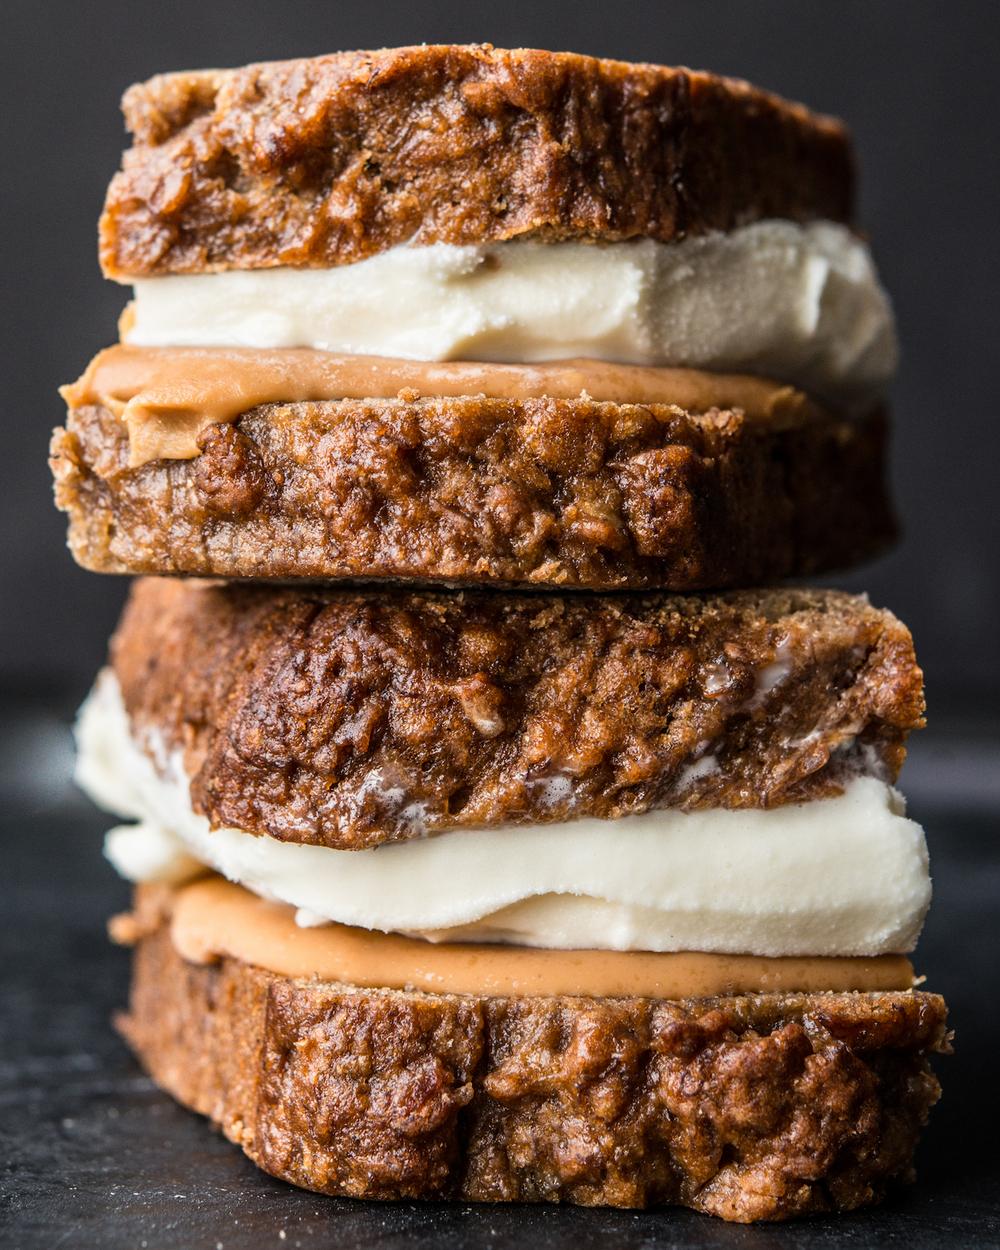 Bakery image | beautiful food photo by Sarah Flotard